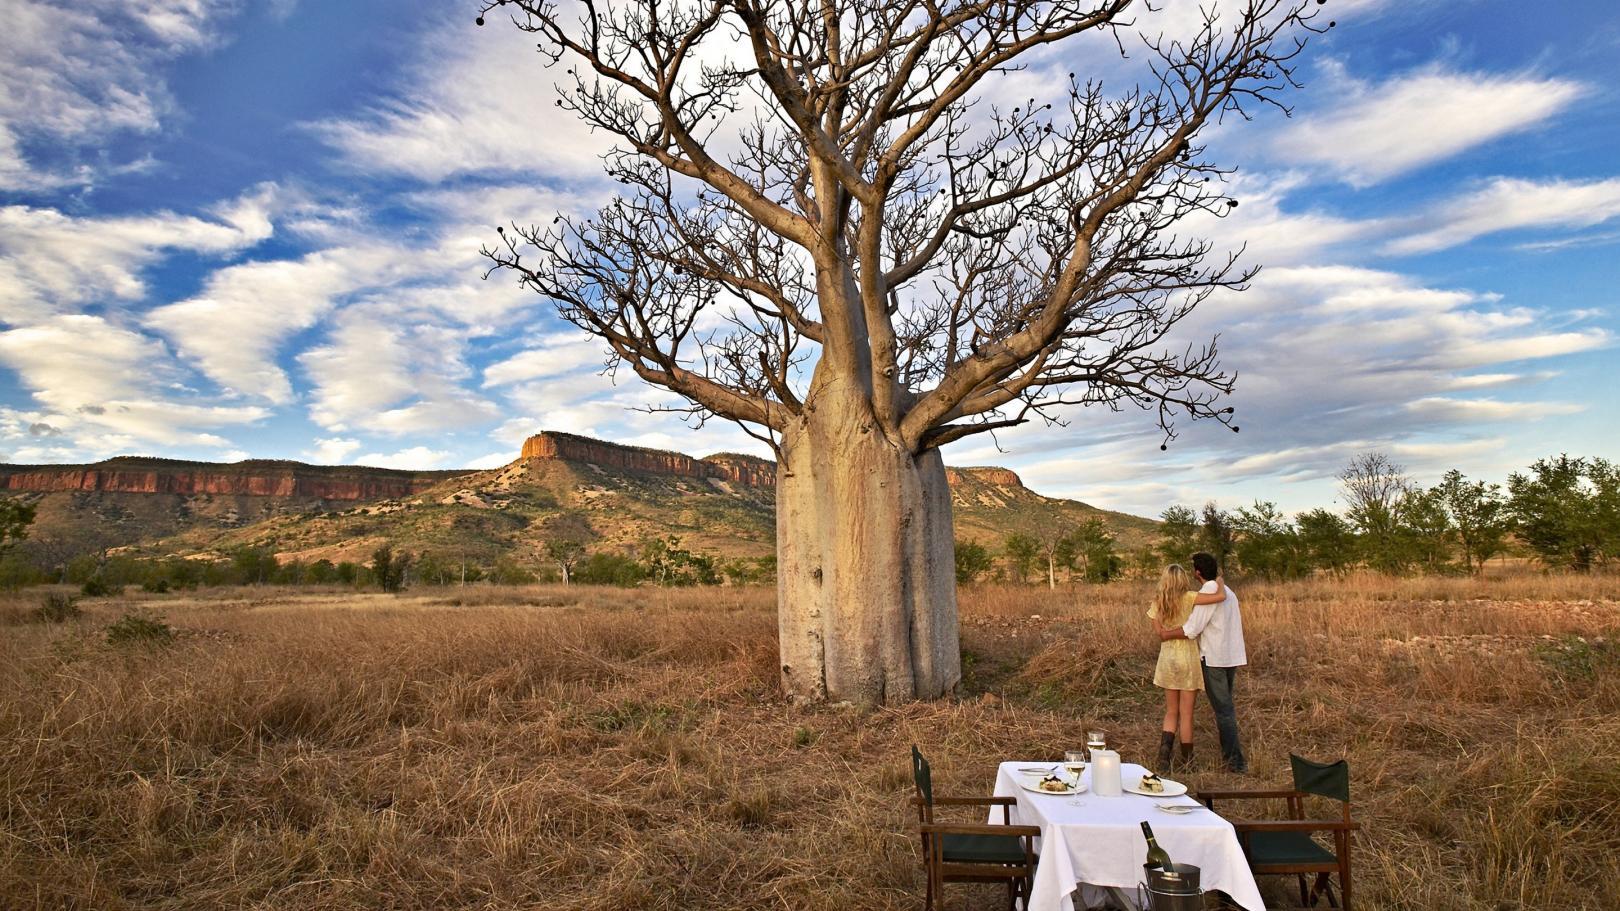 El Questro Homestead Kimberley Western Australia - 5 địa điểm tuyệt nhất cho một kỳ nghỉ lãng mạn ở Úc